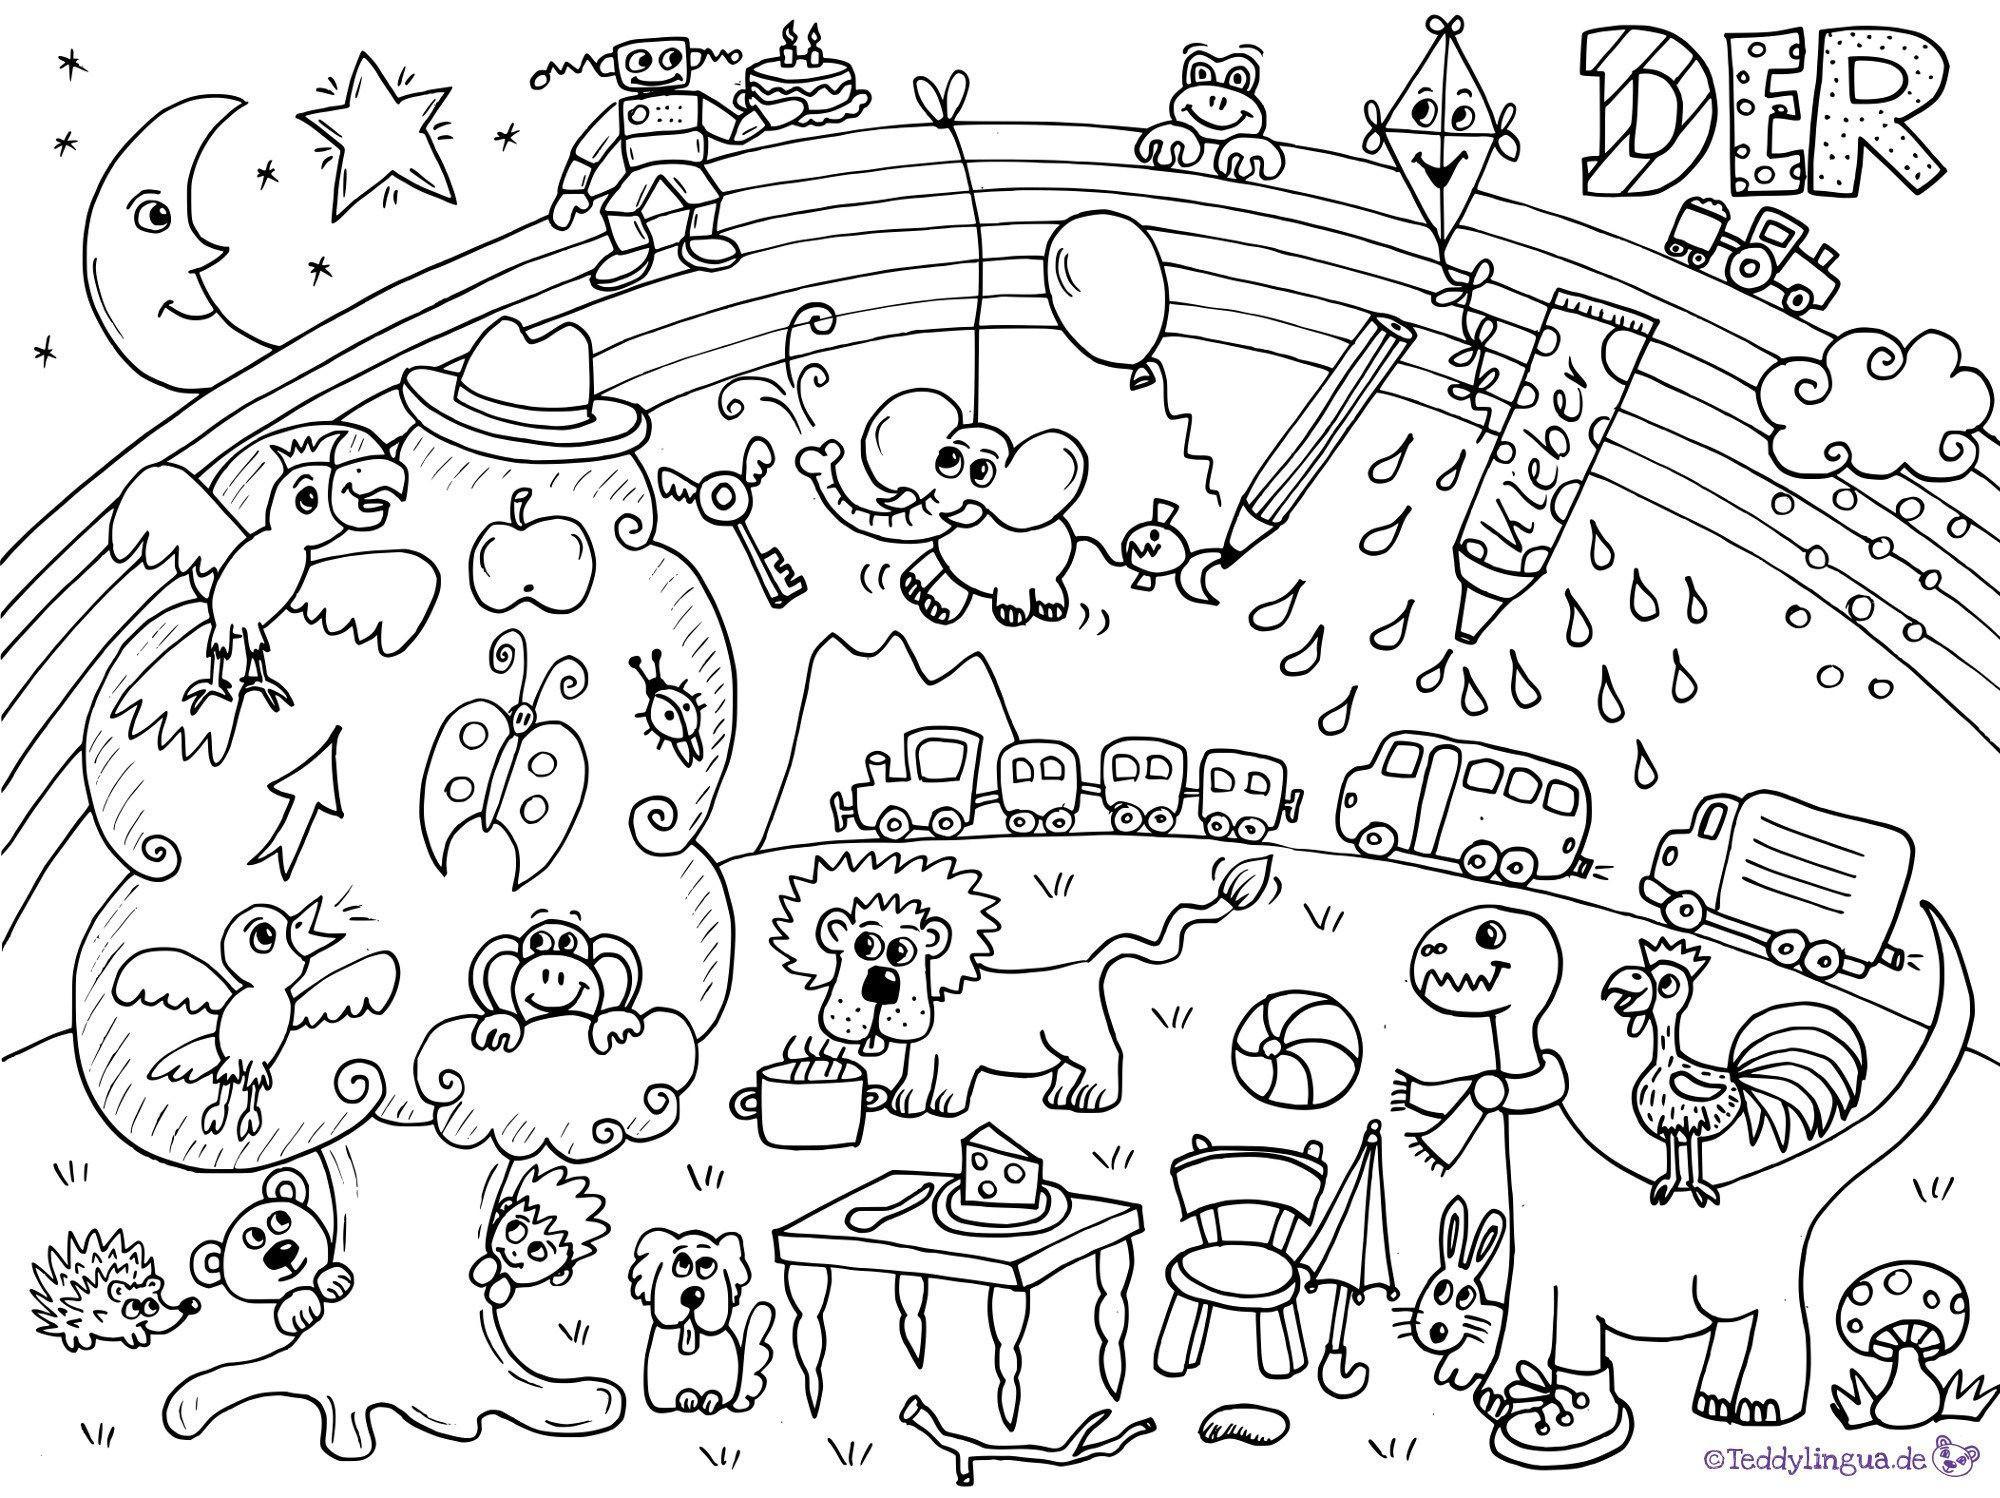 Ausmalbilder Winnie Pooh Und Seine Freunde Malvorlagen Inspirierend Bayern Ausmalbilder Elegant Schule Ausmalbilder Uploadertalk Schön Stock